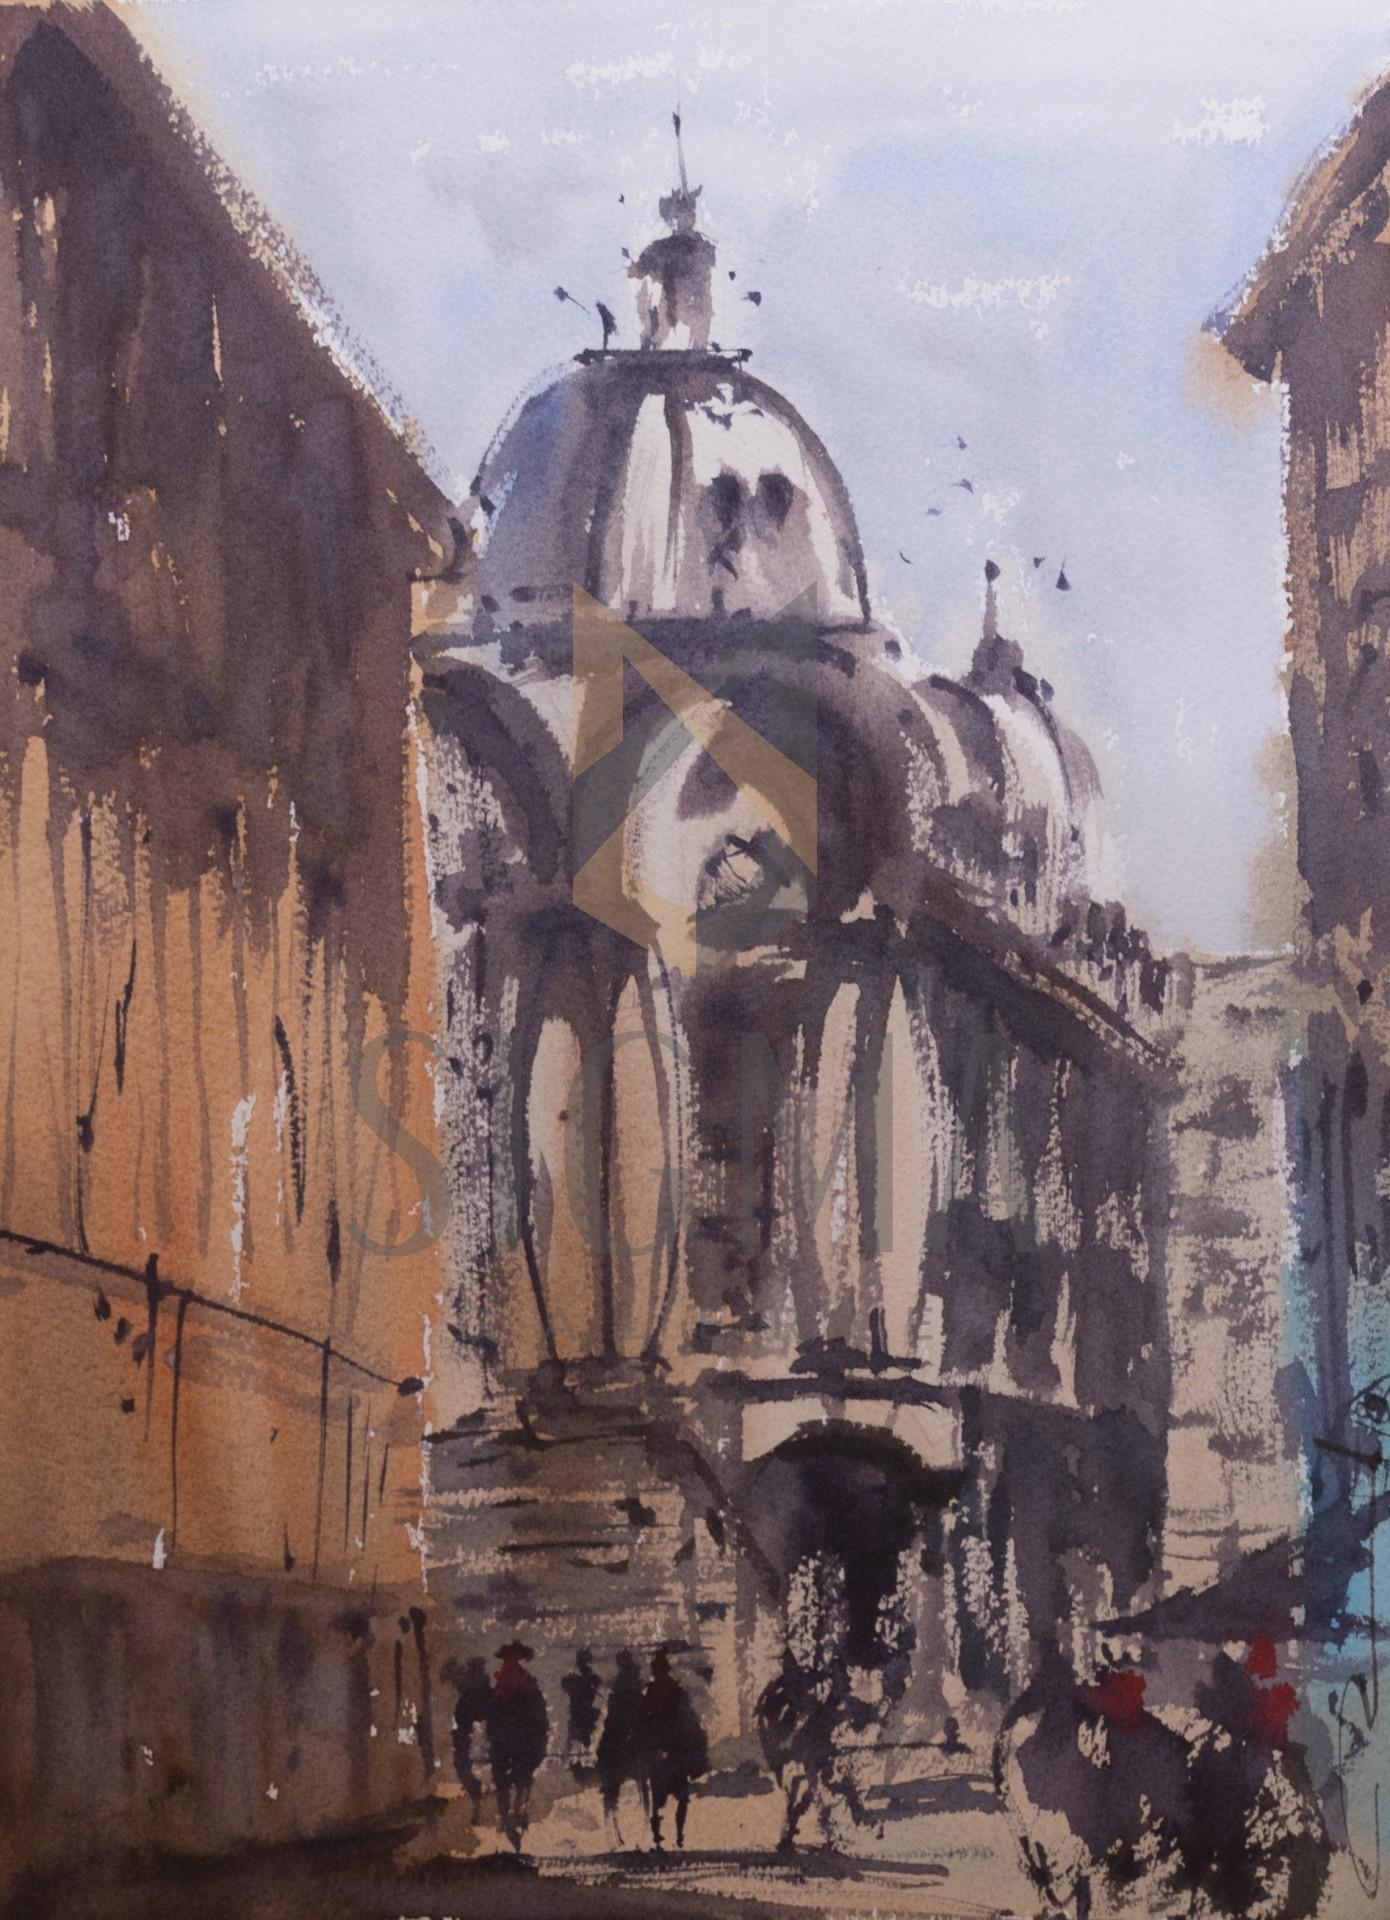 Tablou, Vasile Zastavnitchi, - NF. Palace Hotel, acuarela, 38x28,5 cm